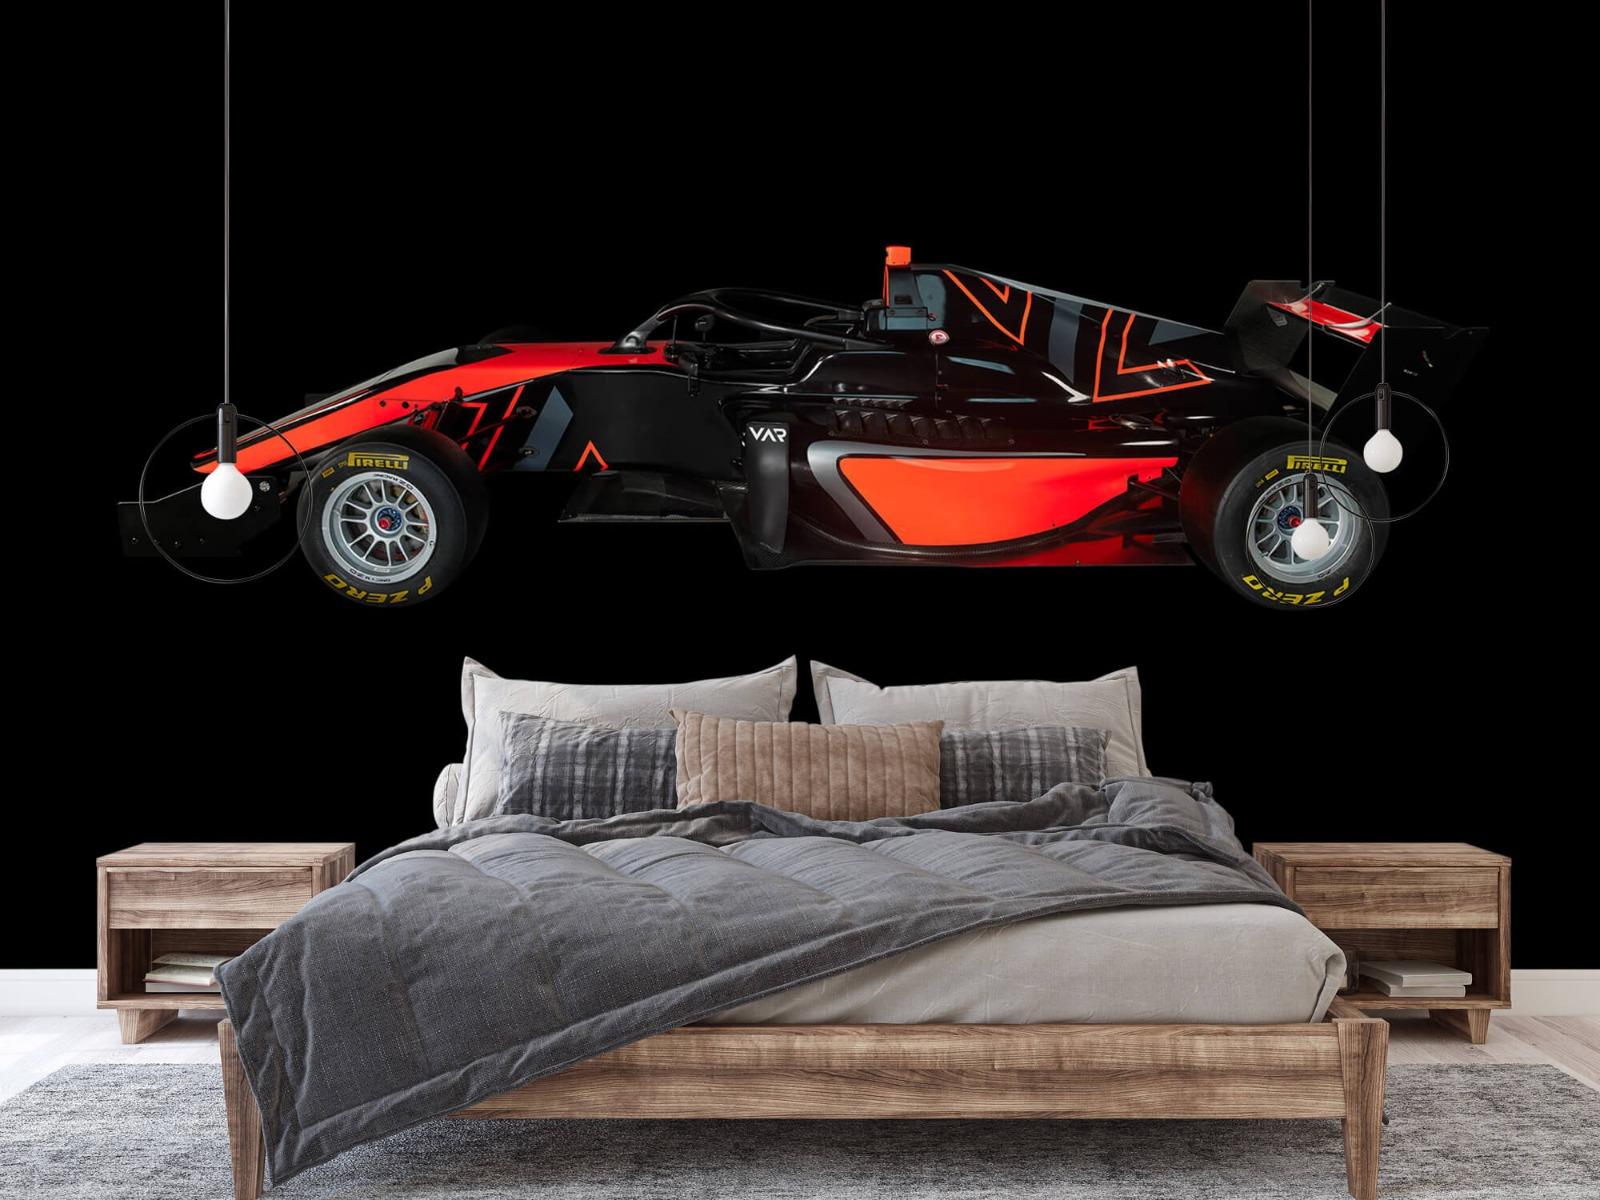 Sportauto's - Formula 3 - Side view - dark - Garage 2